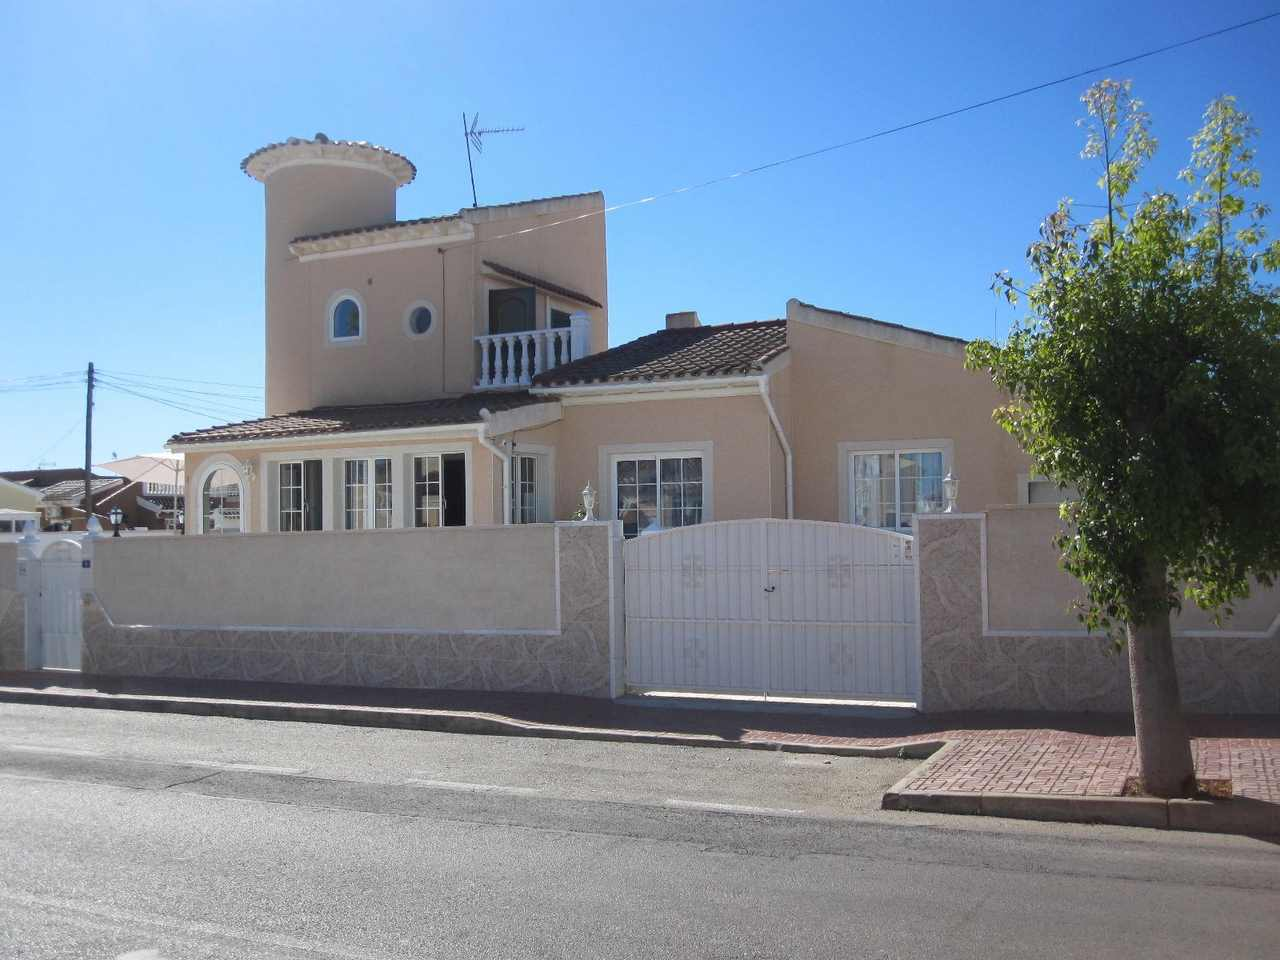 Alquiler vacacional en Orihuela, Alicante